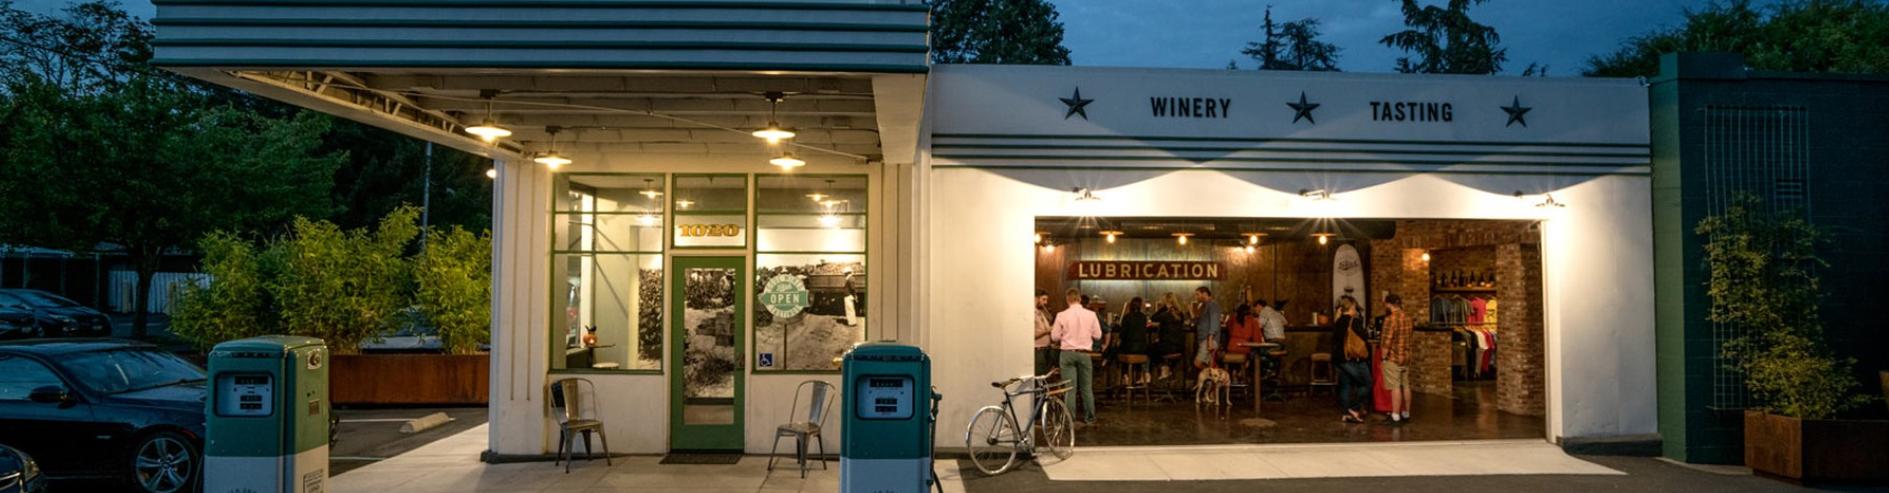 Best Tasting Rooms In Napa Valley Tank Garage Winery Best